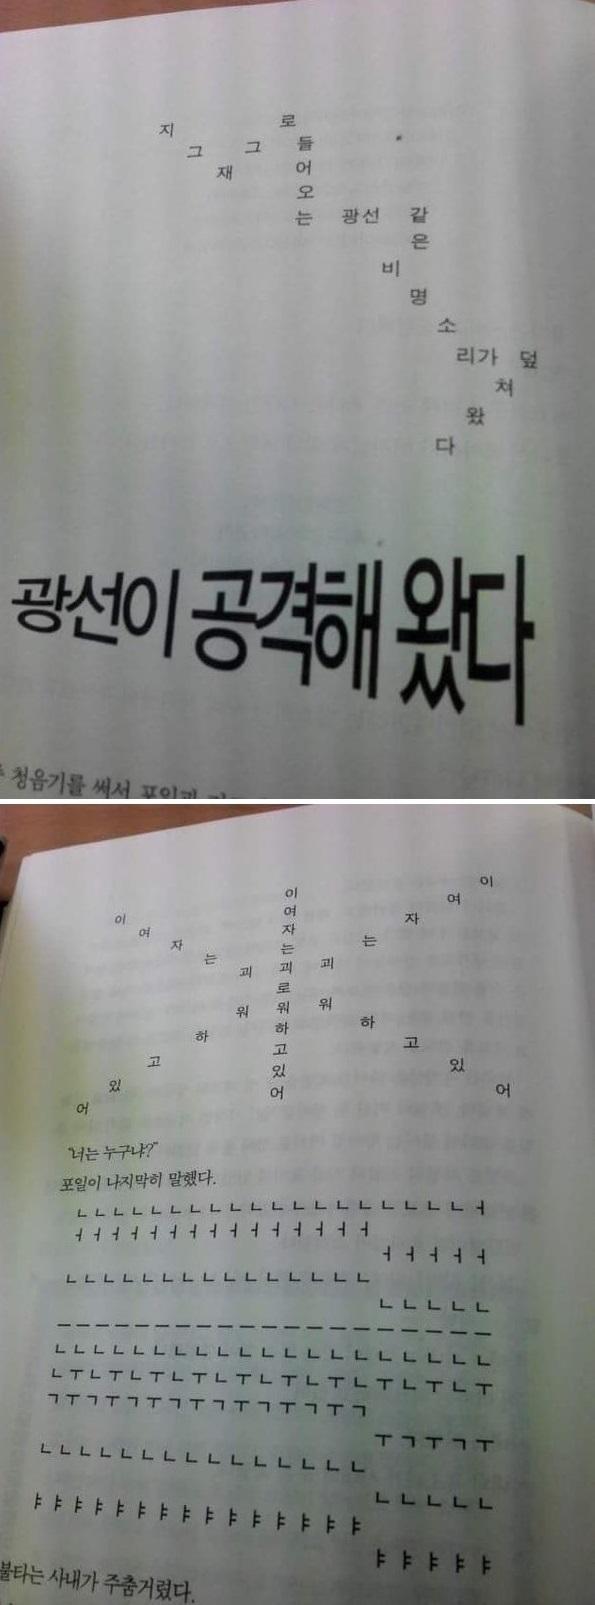 특이점온 판타지 소설!!!